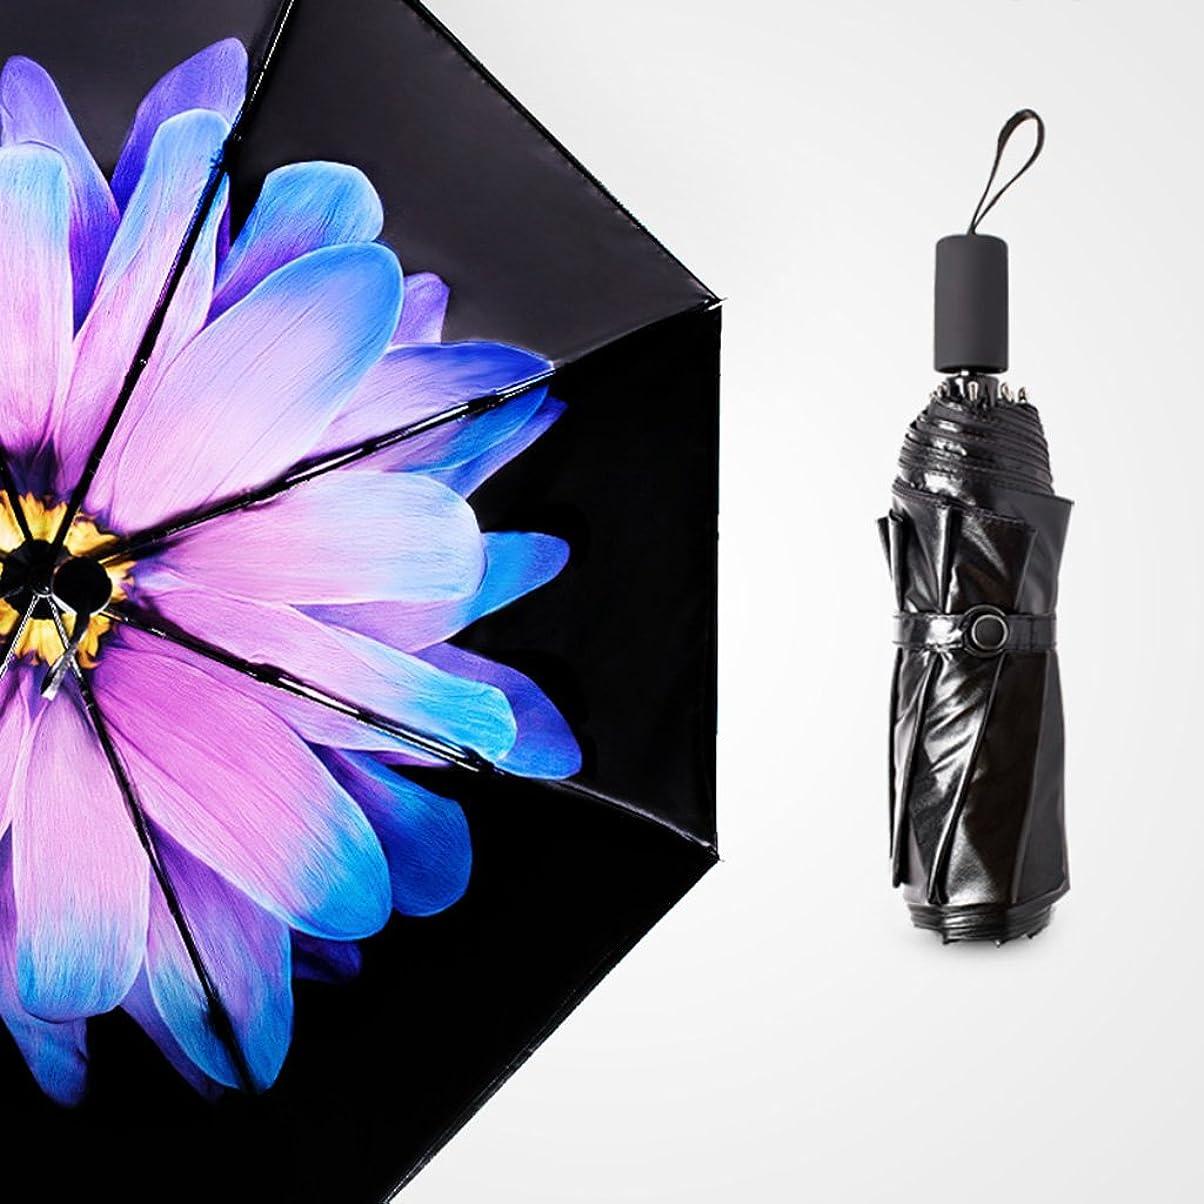 ストリップ精査ガラス日傘傘女性の日焼け止めビニール抗UV傘50%オフ超軽量ミニ黒傘デュアルユース ズトイビー (Color : #1)